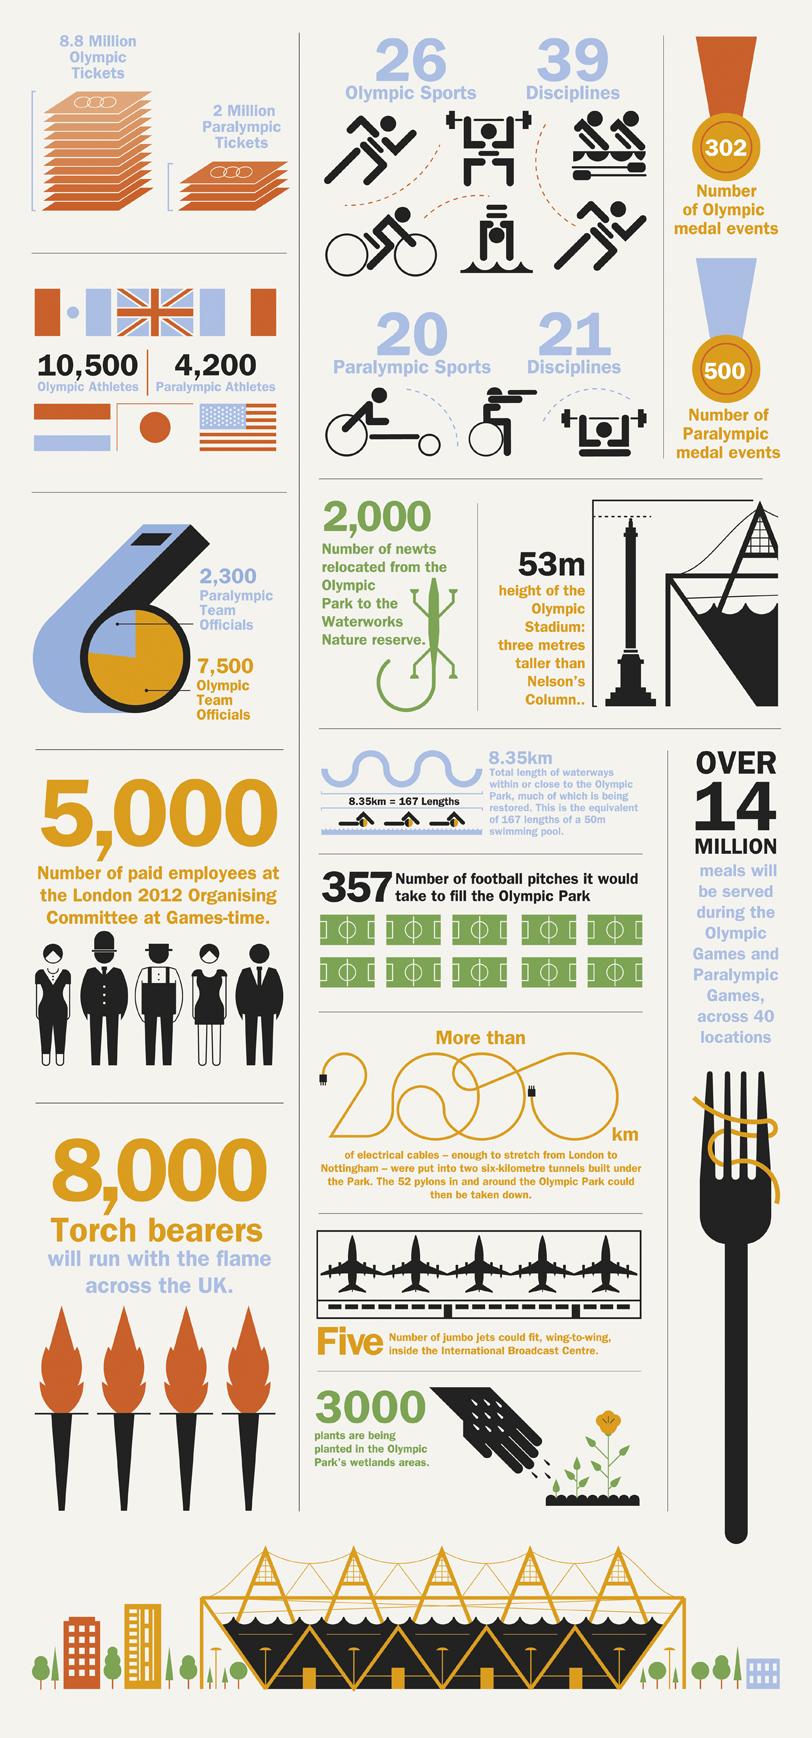 Olympics 2012 Infographic